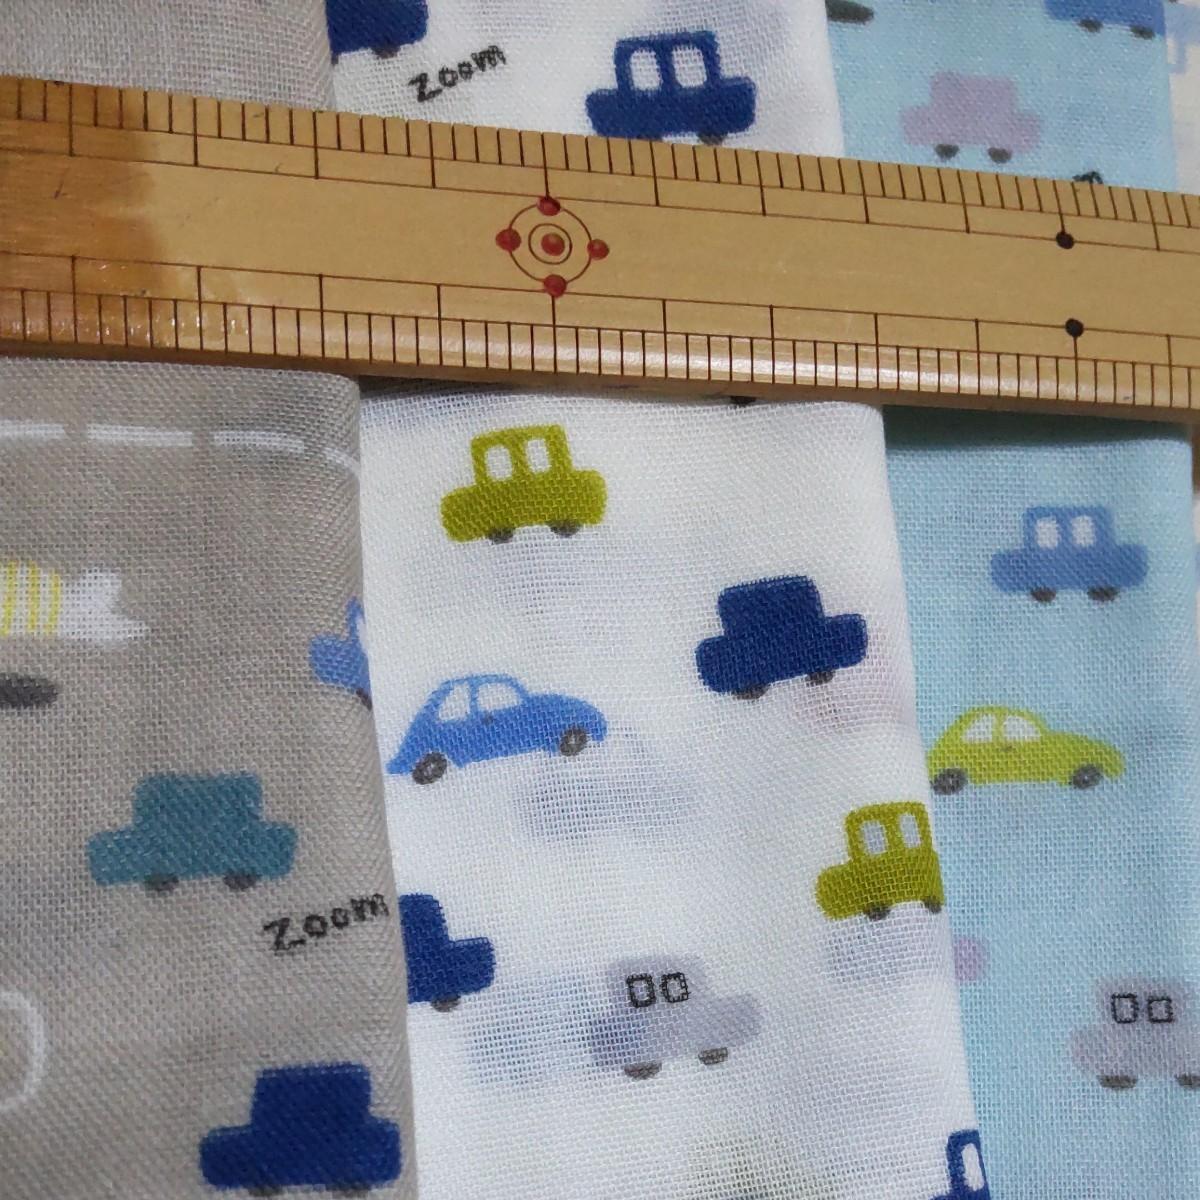 ダブルガーゼ4枚セット、COTTONこばやし車、55cm(生地幅、半分)×50cmづつ4枚